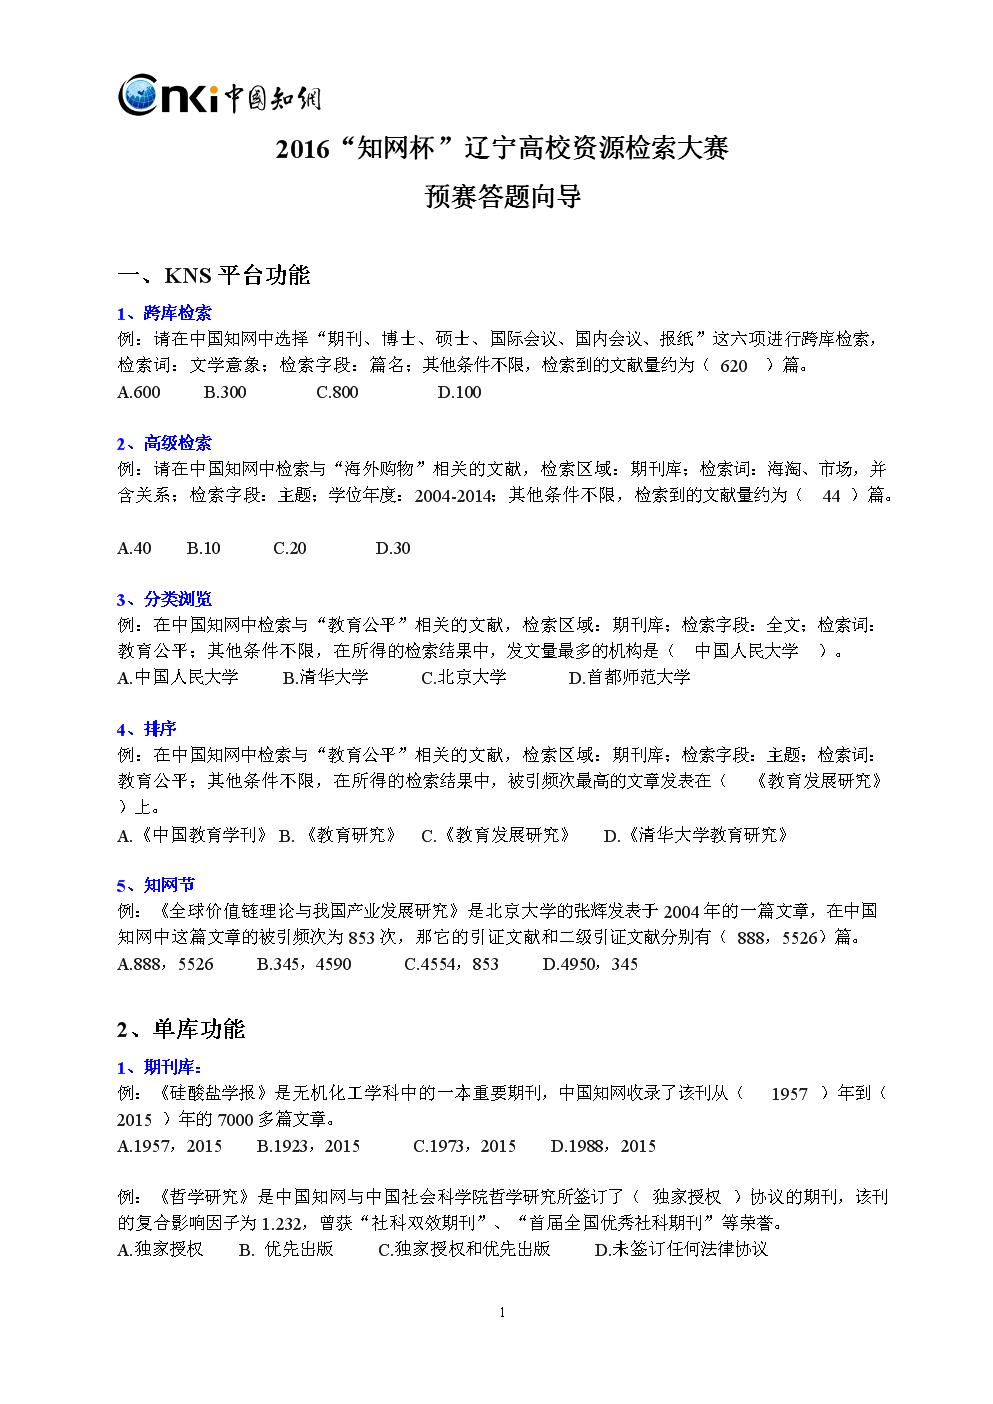 2016知网杯高校检索大赛答题向导-东北大学图书馆.doc图片